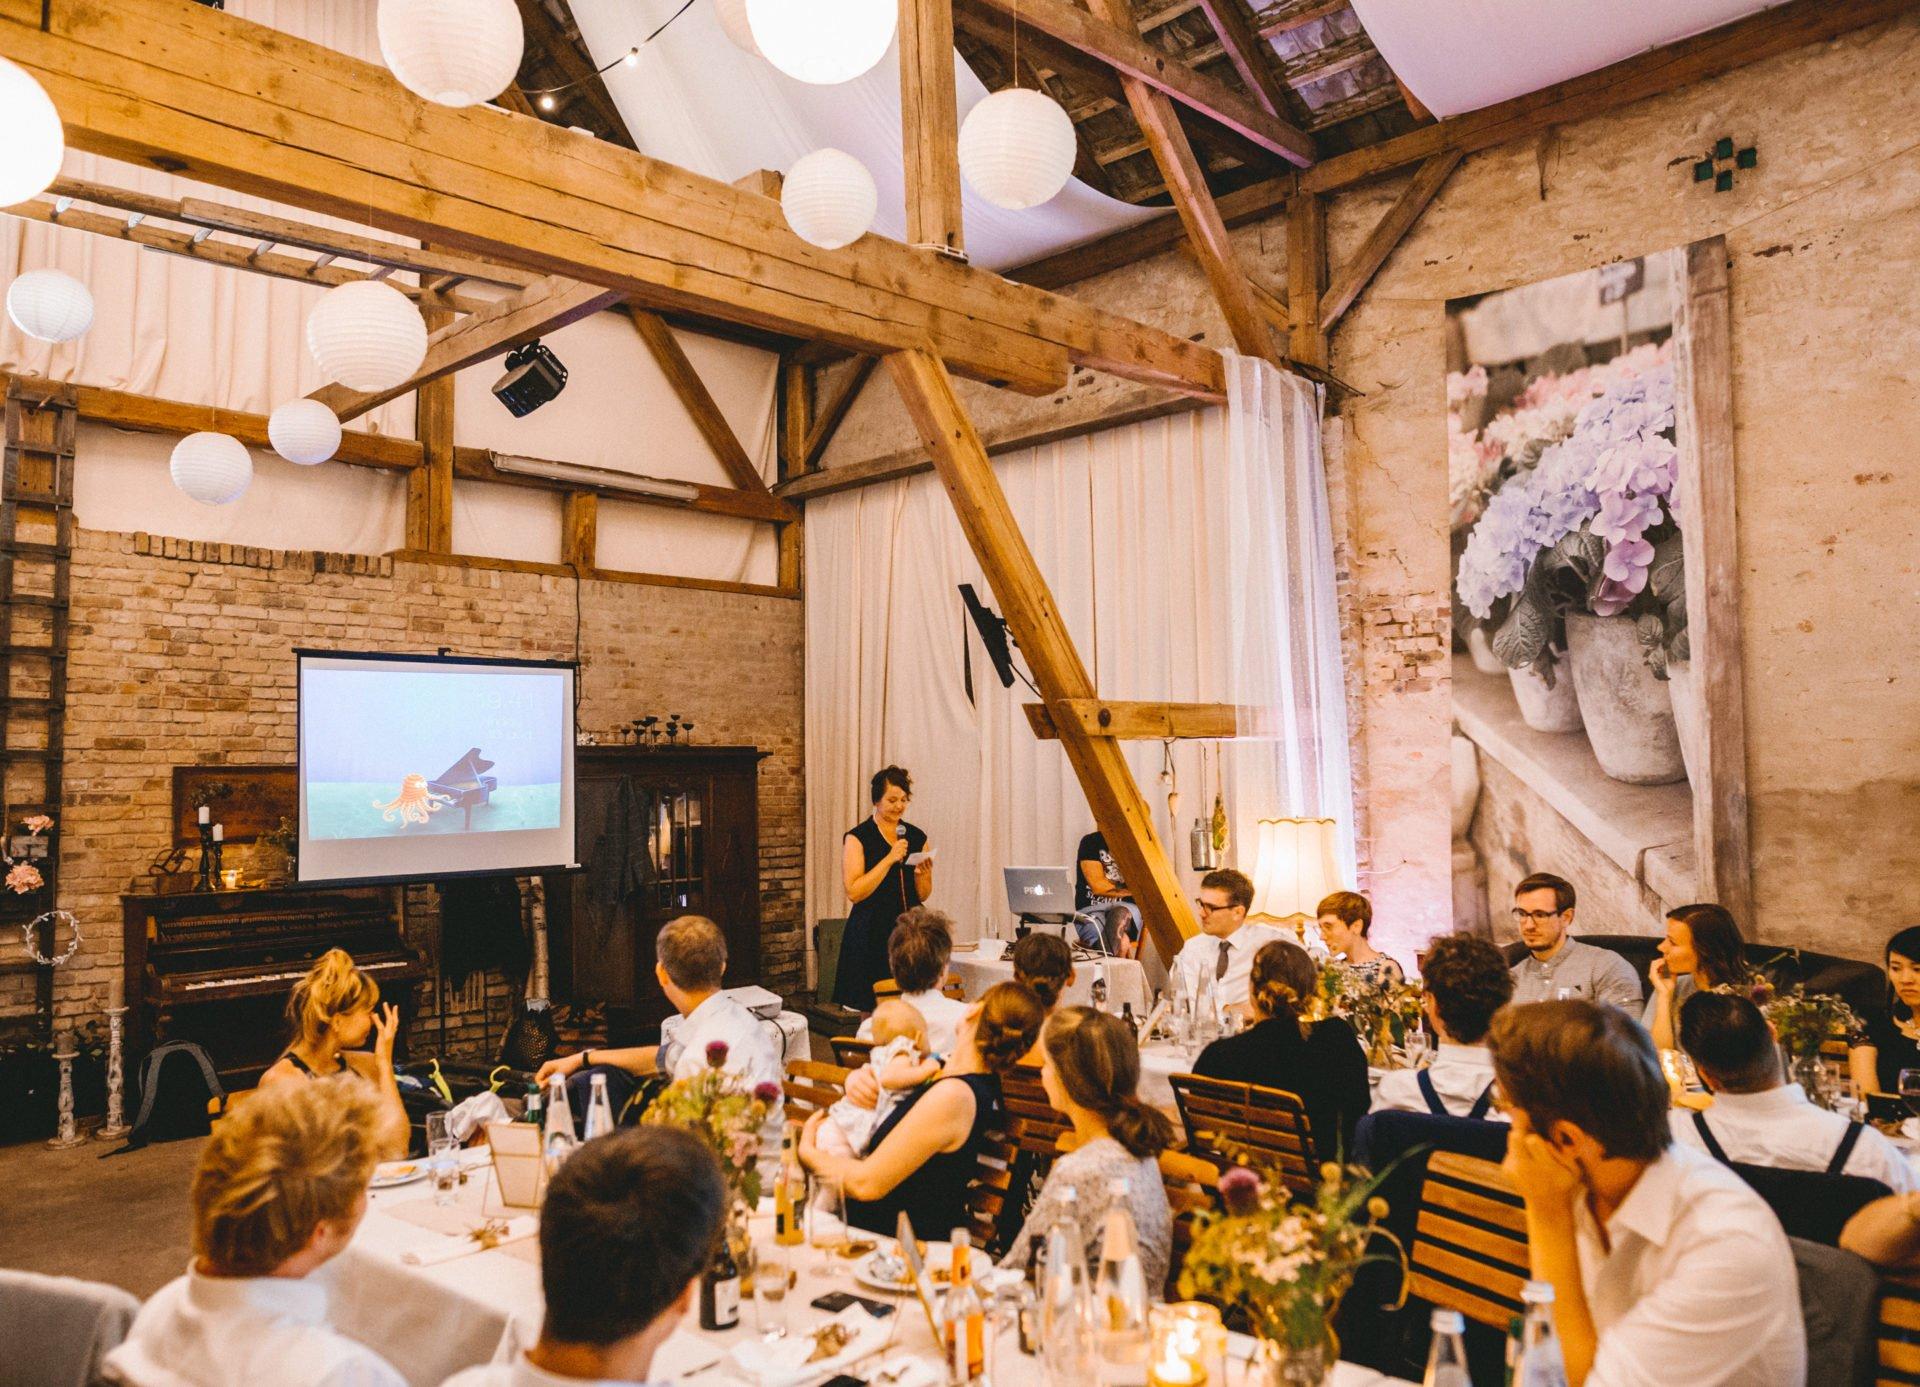 50mmfreunde Berlin Hochzeit 080 1920x1387 - Sommerhochzeit in dem Vierseithofcafé im Berliner Umland